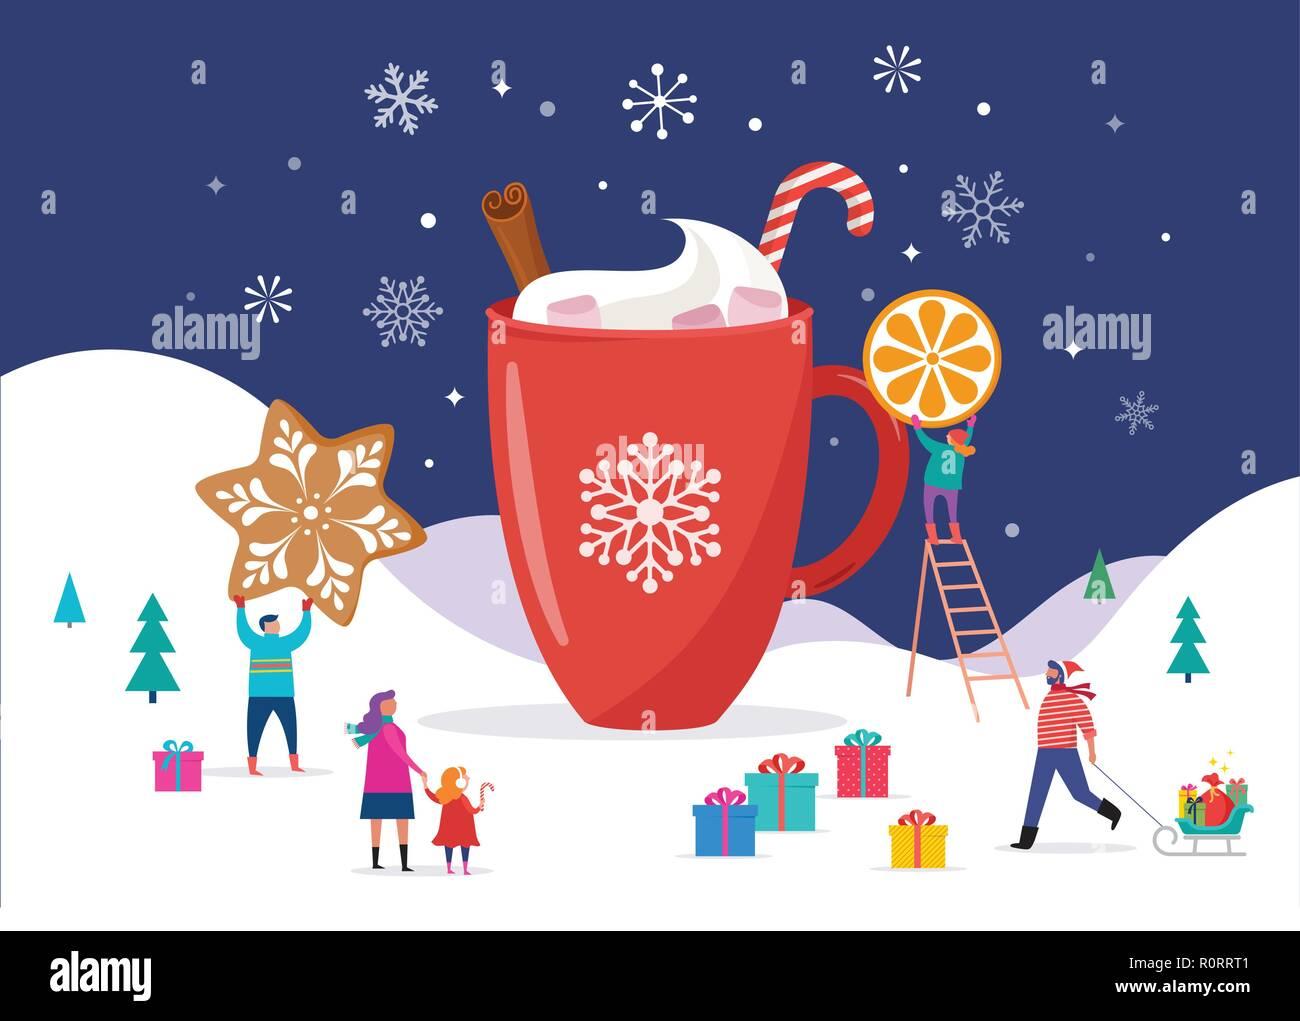 Frohe Weihnachten Männer Bilder.Frohe Weihnachten Winter Szene Mit Einer Großen Tasse Kakao Und